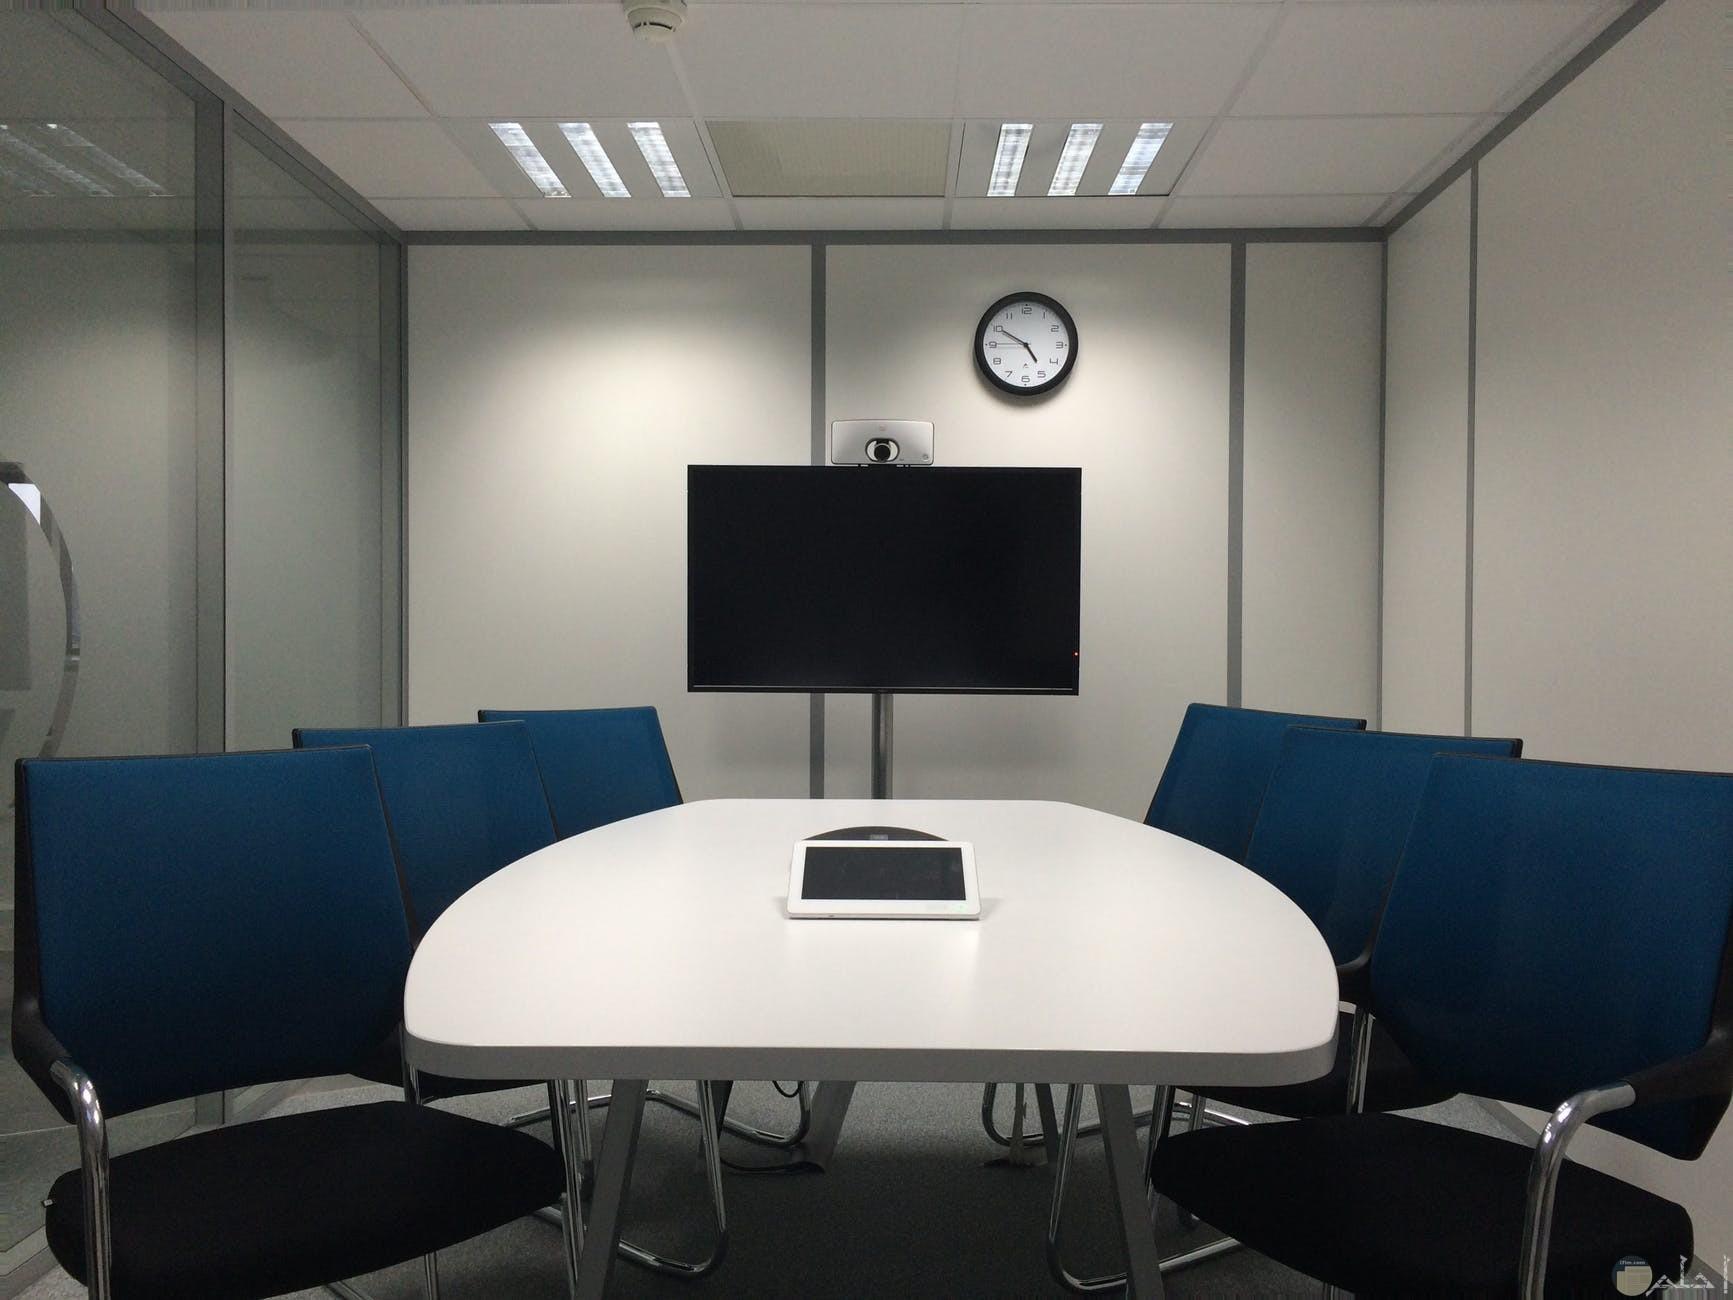 مكتب باللون الازرق